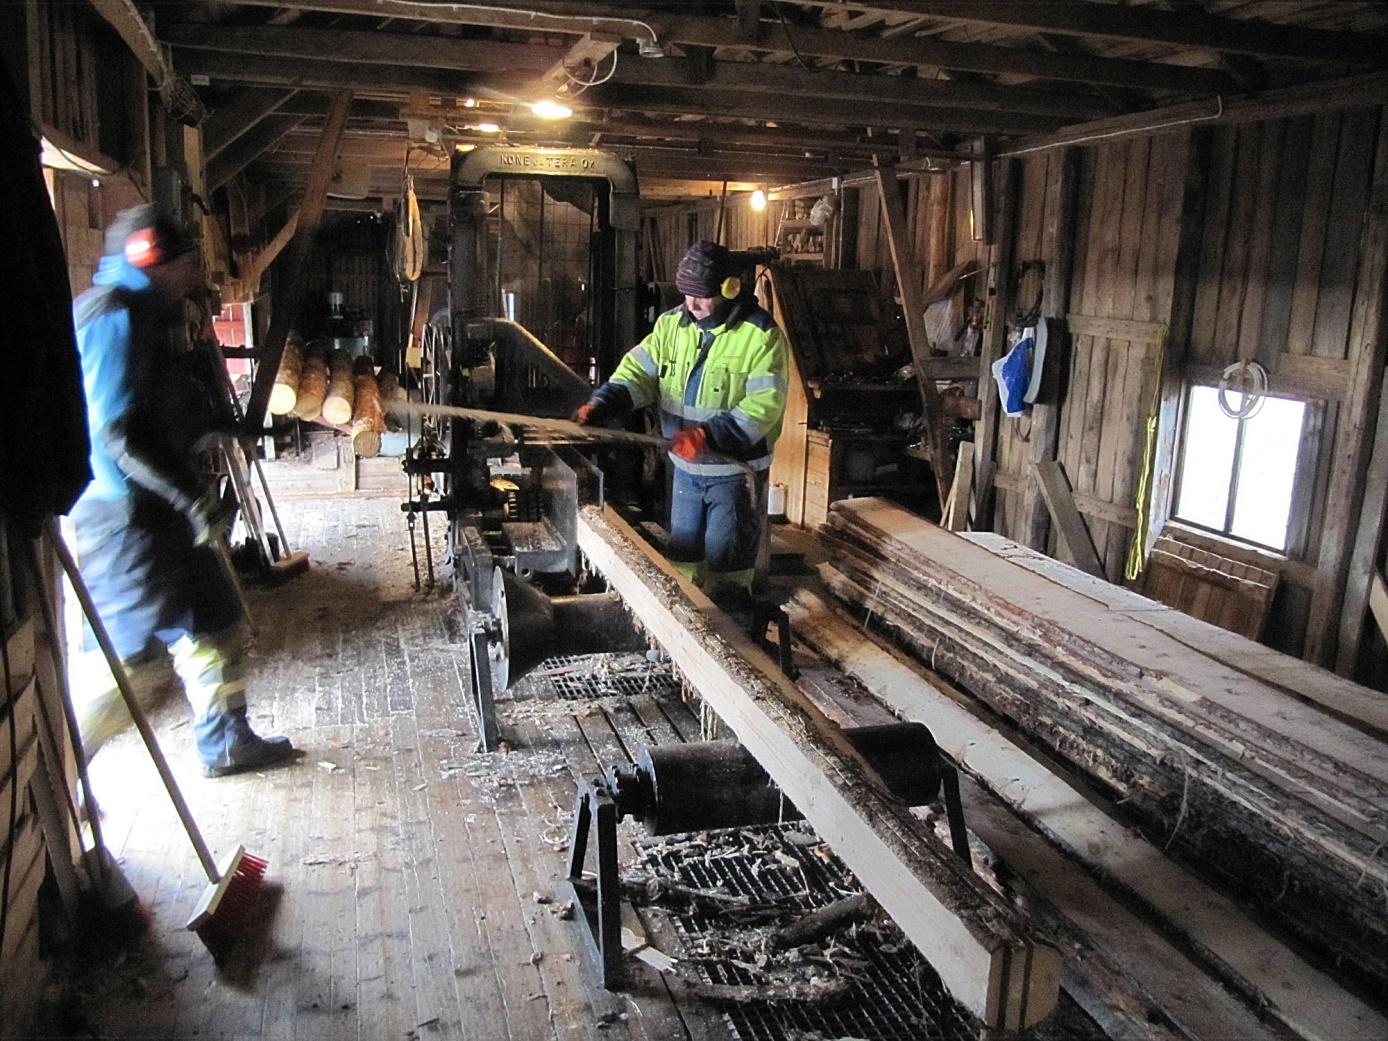 Efter ramsågningen så läggs bräderna och plankorna åt sidan för att i följande skede kantsågas.